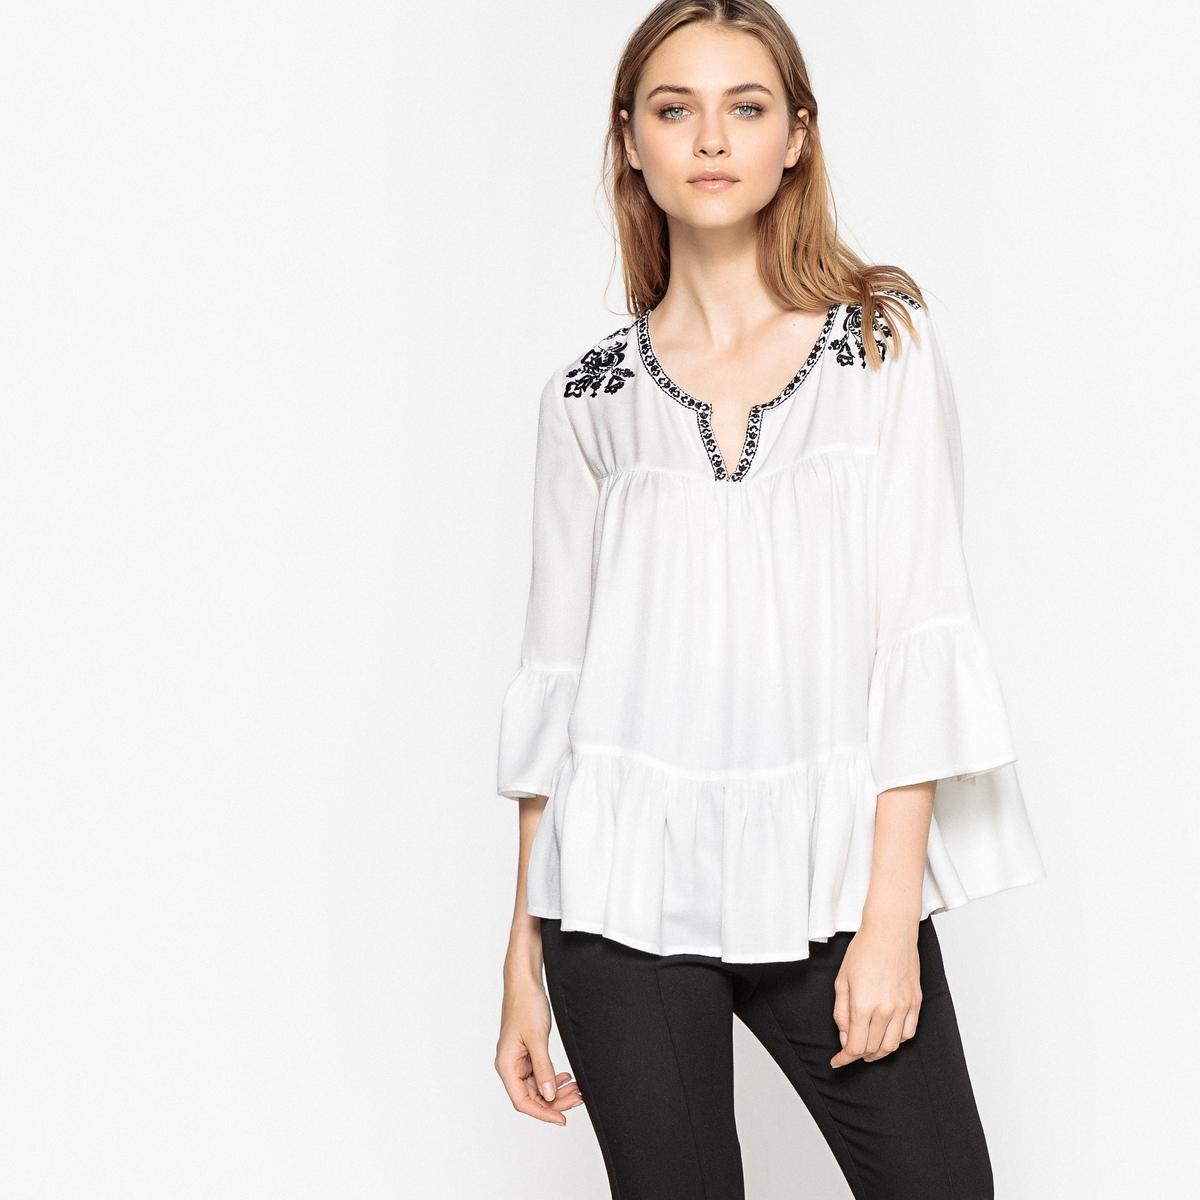 Блузка в стиле фолк с вышивкой блузка с вышивкой в стиле фолк